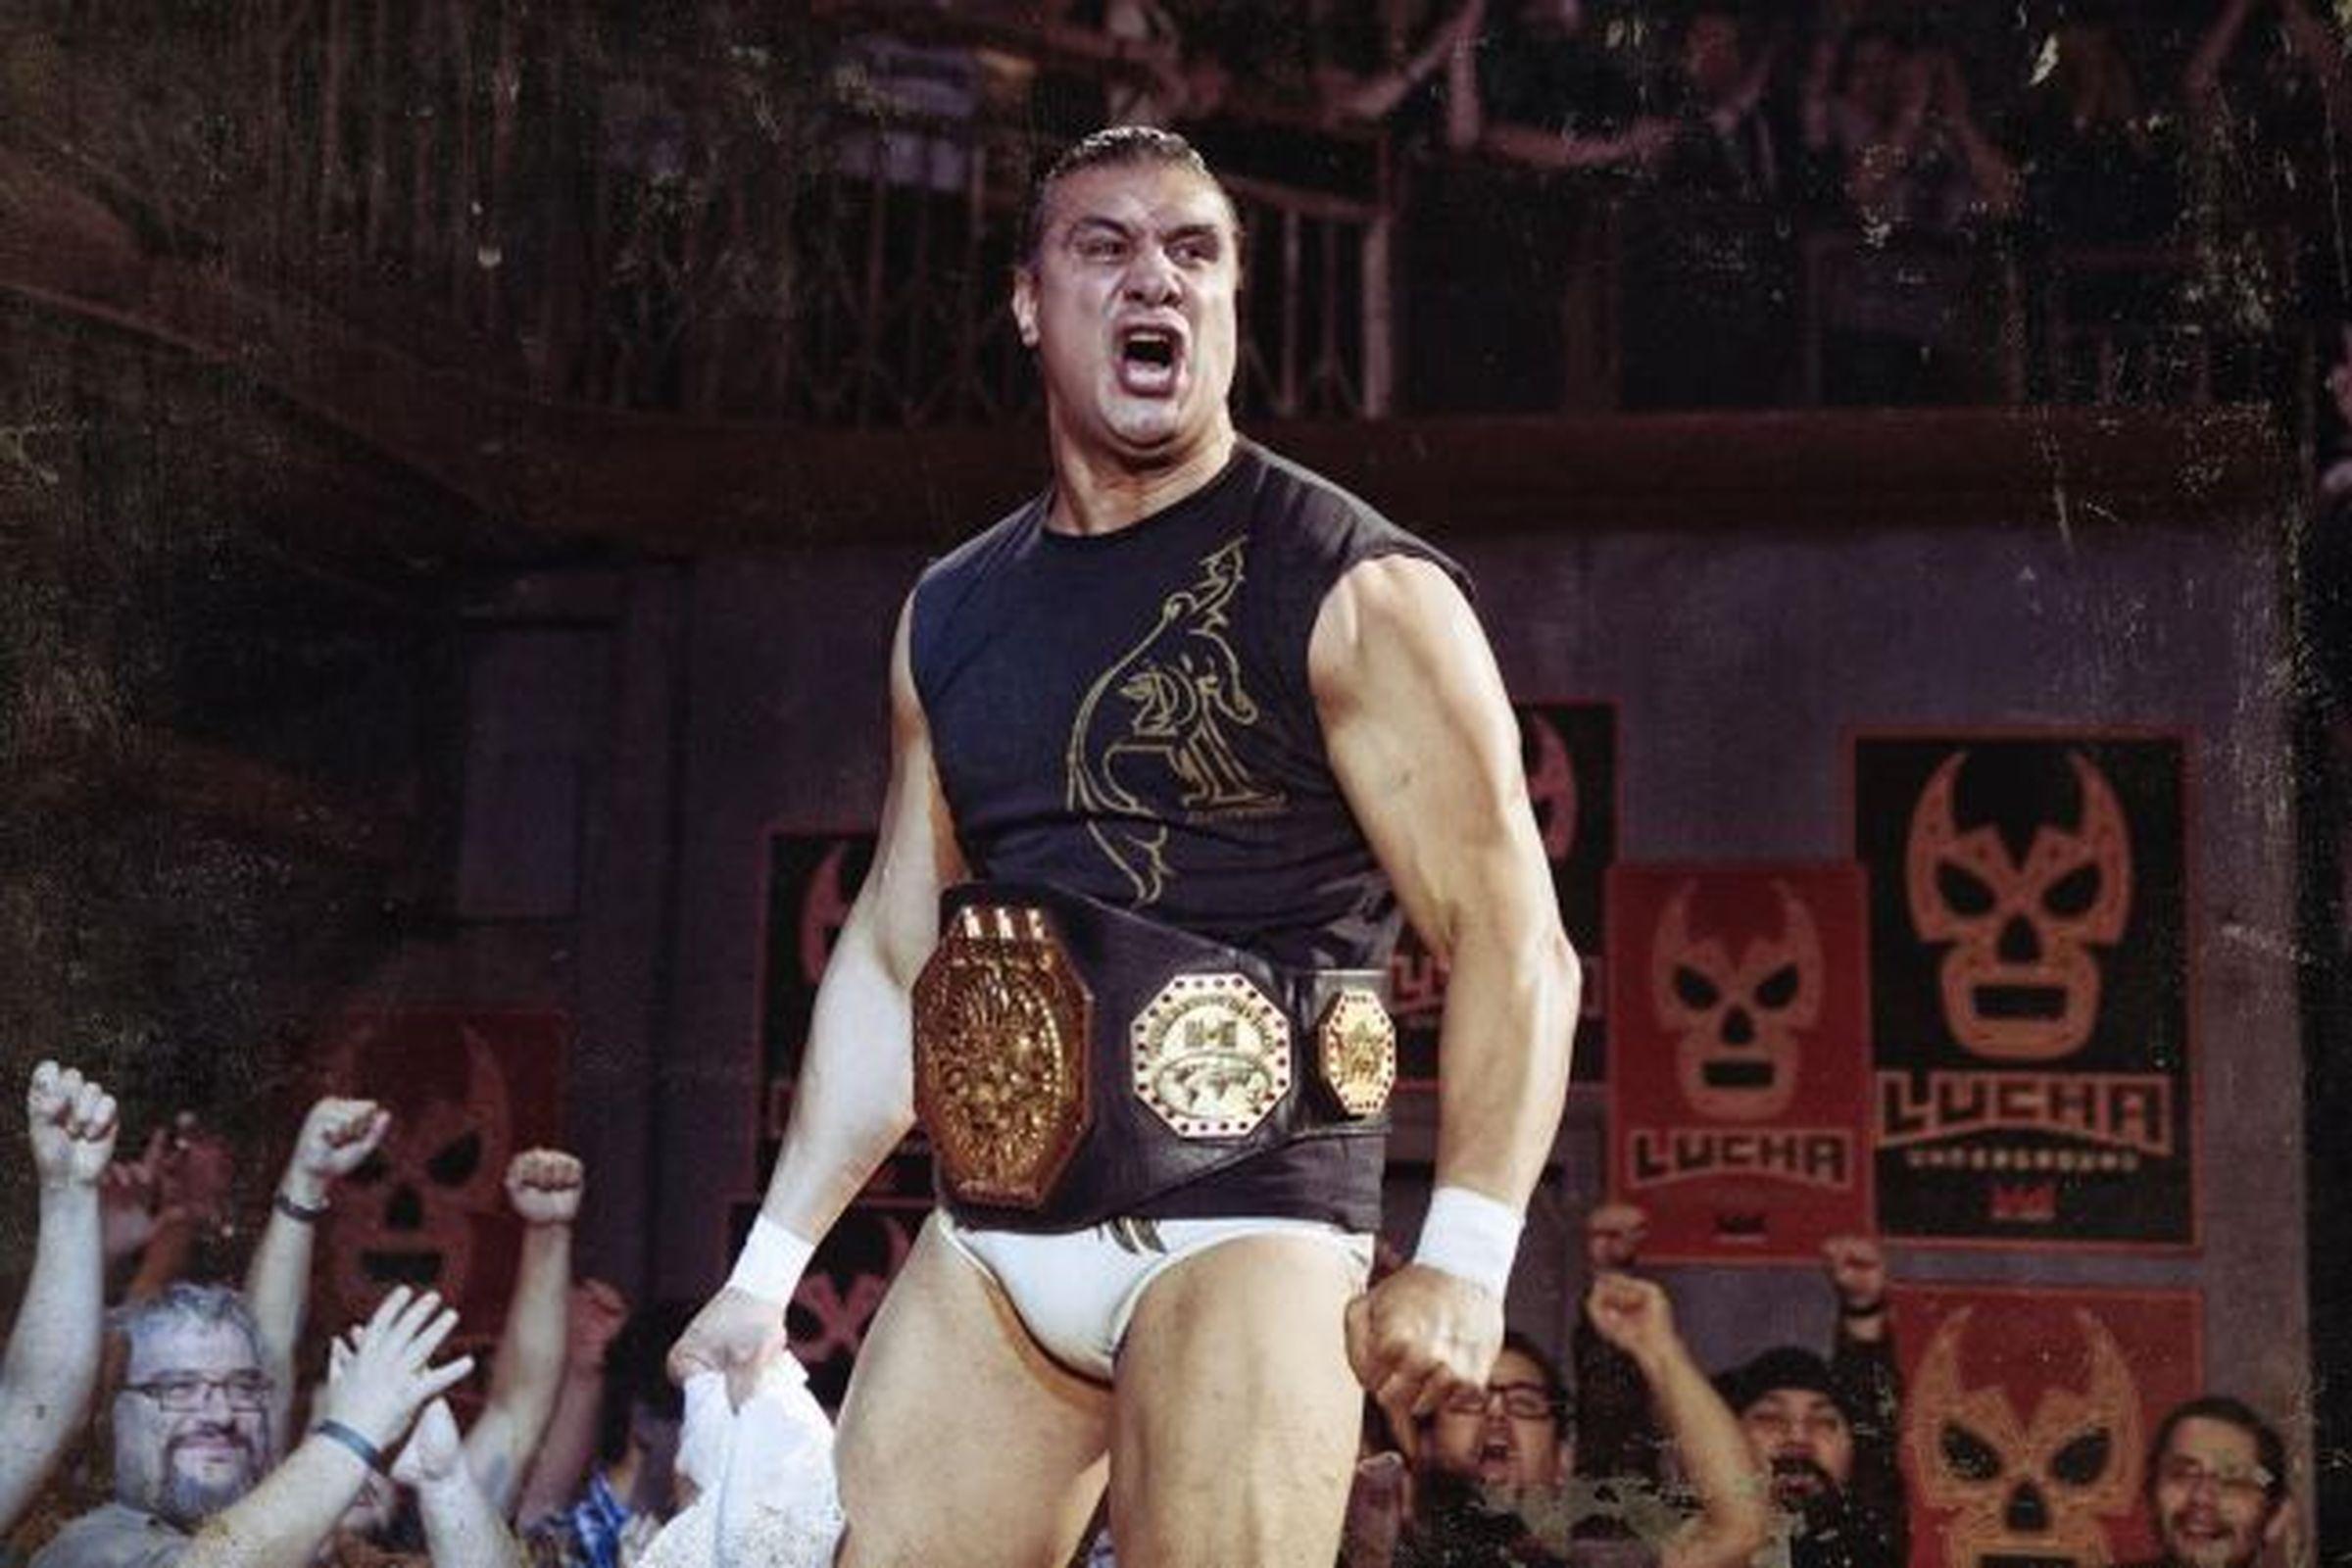 WWE US Champion Alberto Del Rio Attacked By Fan